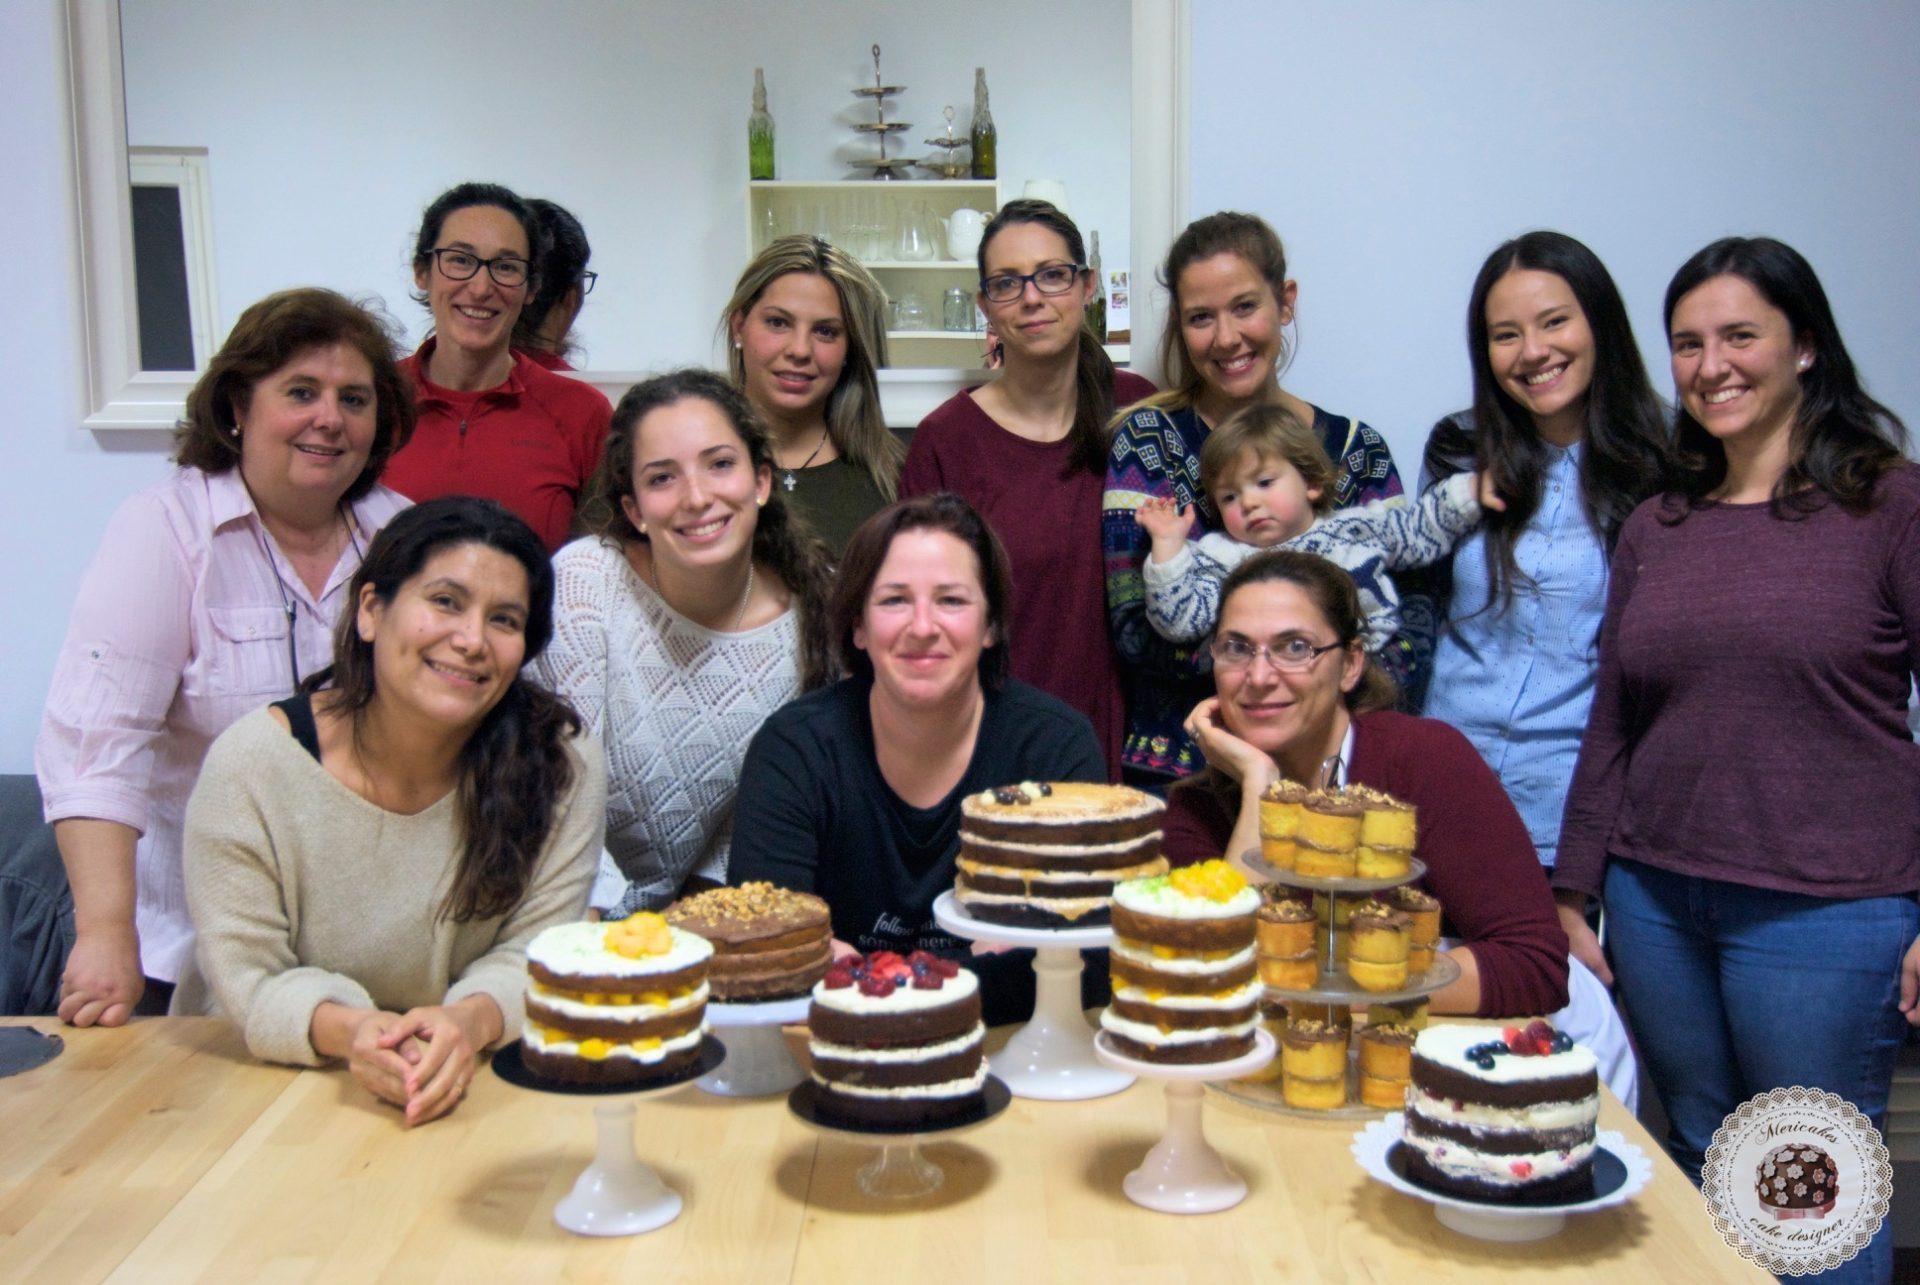 Curso bizcochos y rellenos, escuela, pasteleria creativa, mericakes, barcelona, tartas, layer cake, naked cake, pasteles, tartas deliciosas, bizcochos y rellenos, chocolate